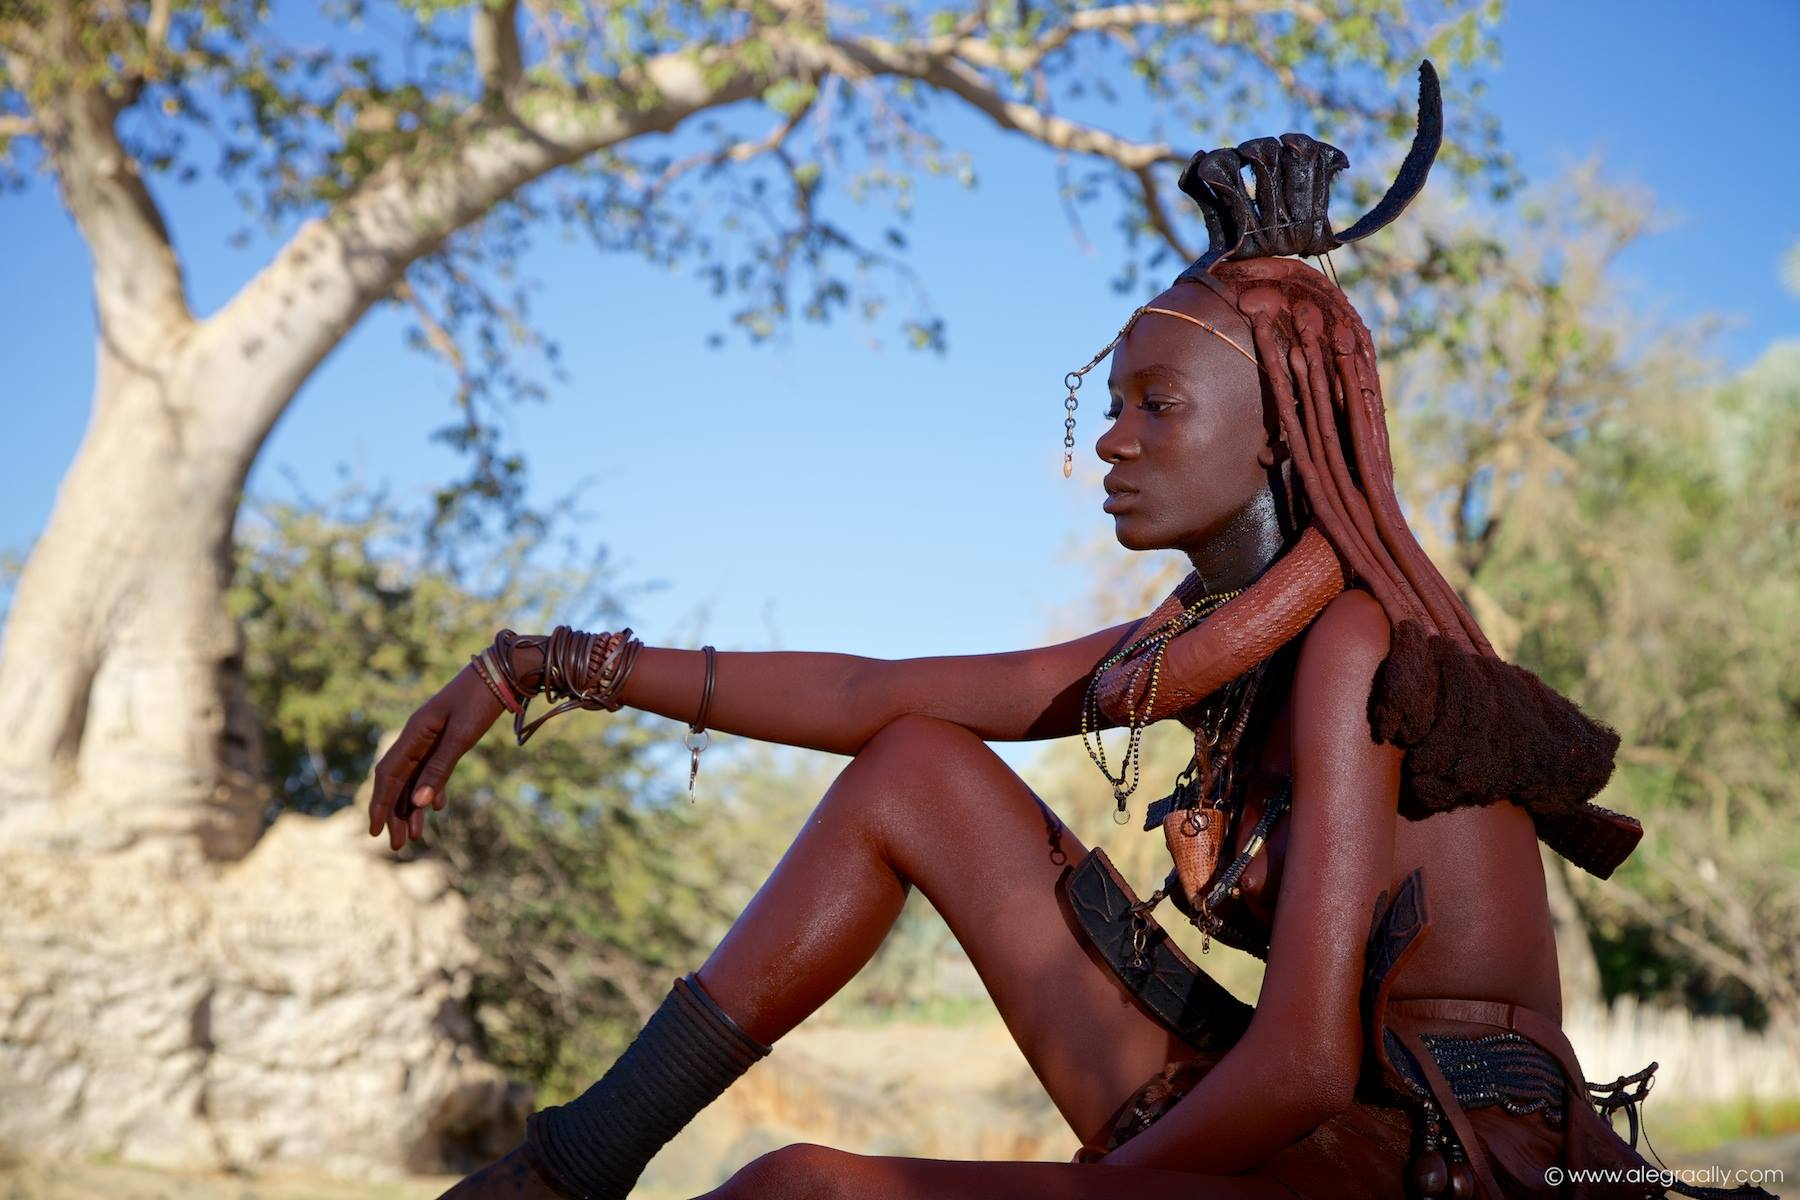 Documenting the Himba. Photo ©Alegra Ally